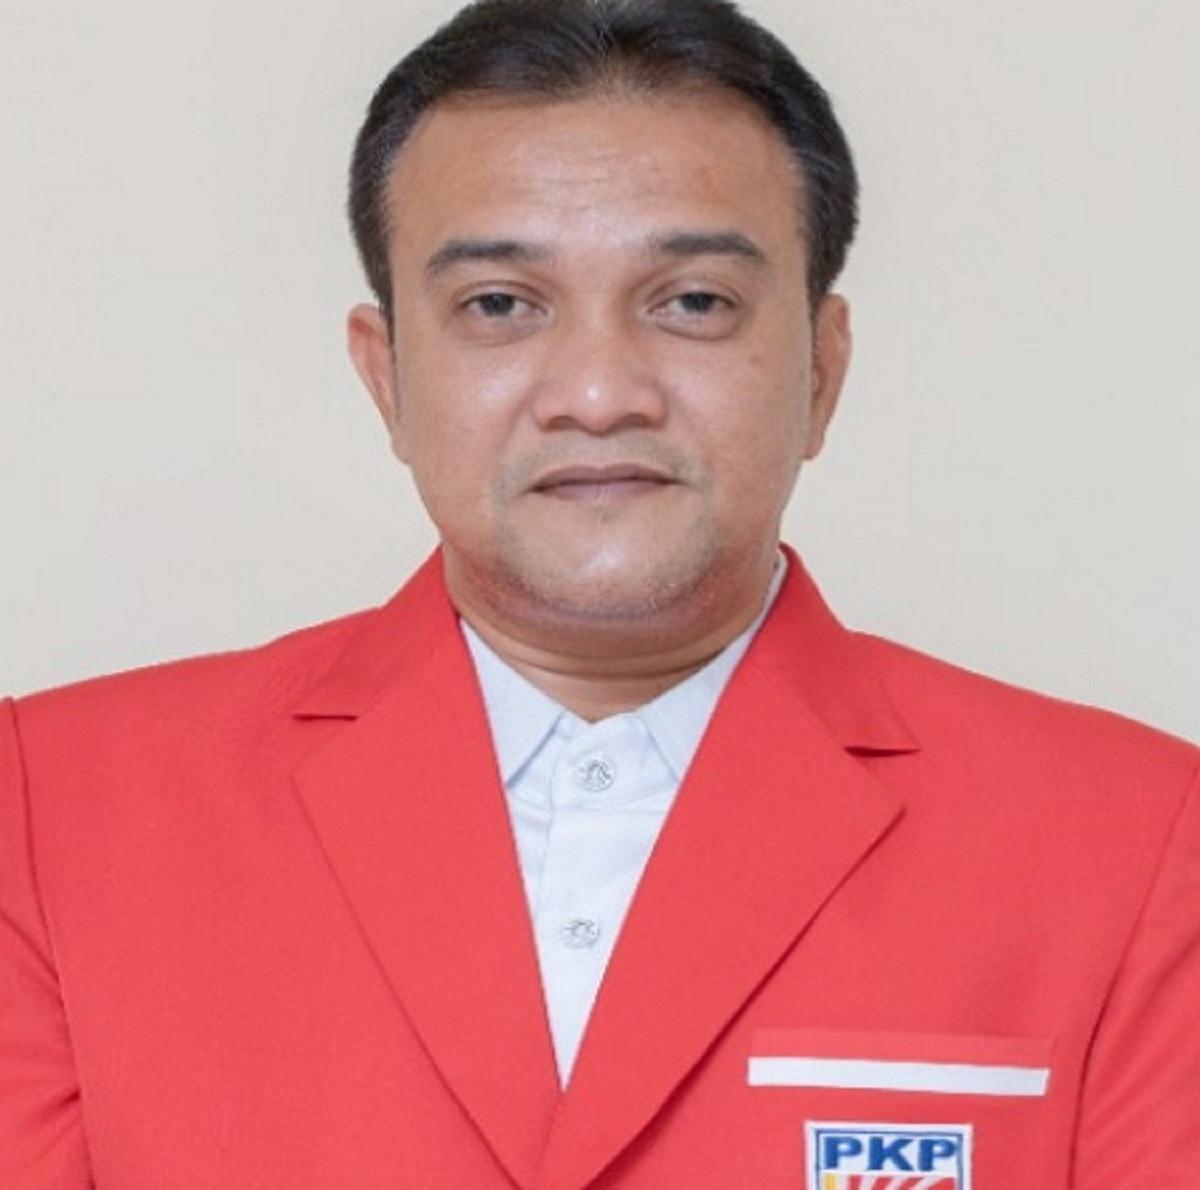 Presiden dan PKP Sependapat tentang 2 Hal, Segera Panggil Mendagri - JPNN.com